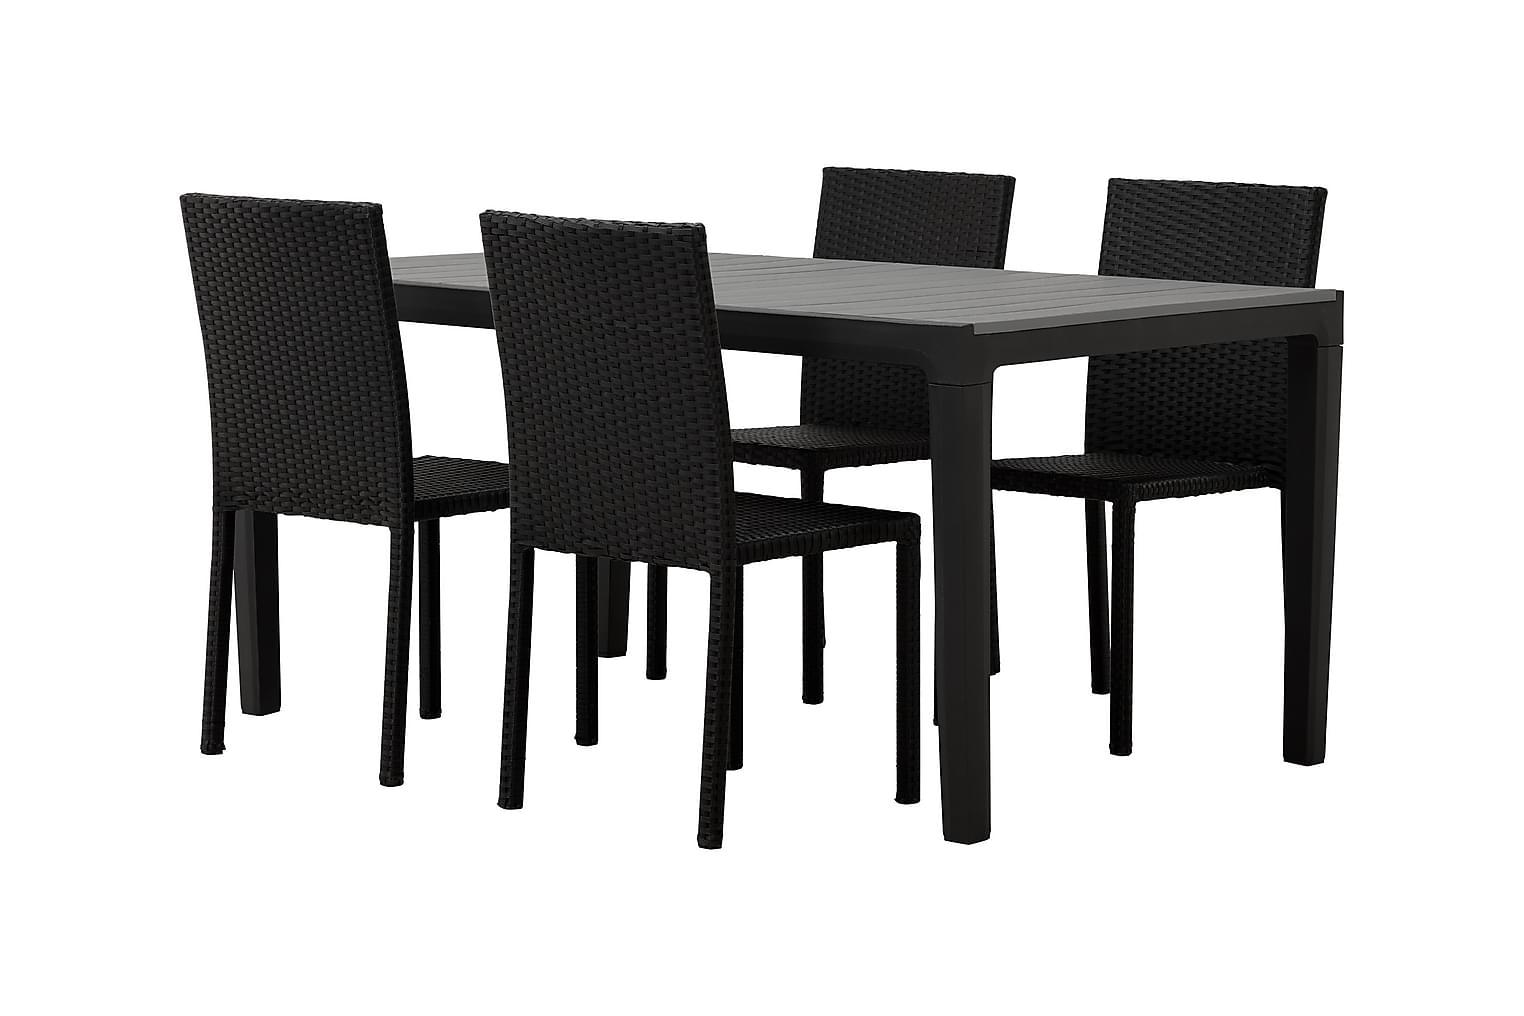 BILBAO Pöytä 160 Harmaa/Musta + 4 JULITA Tuolia Musta